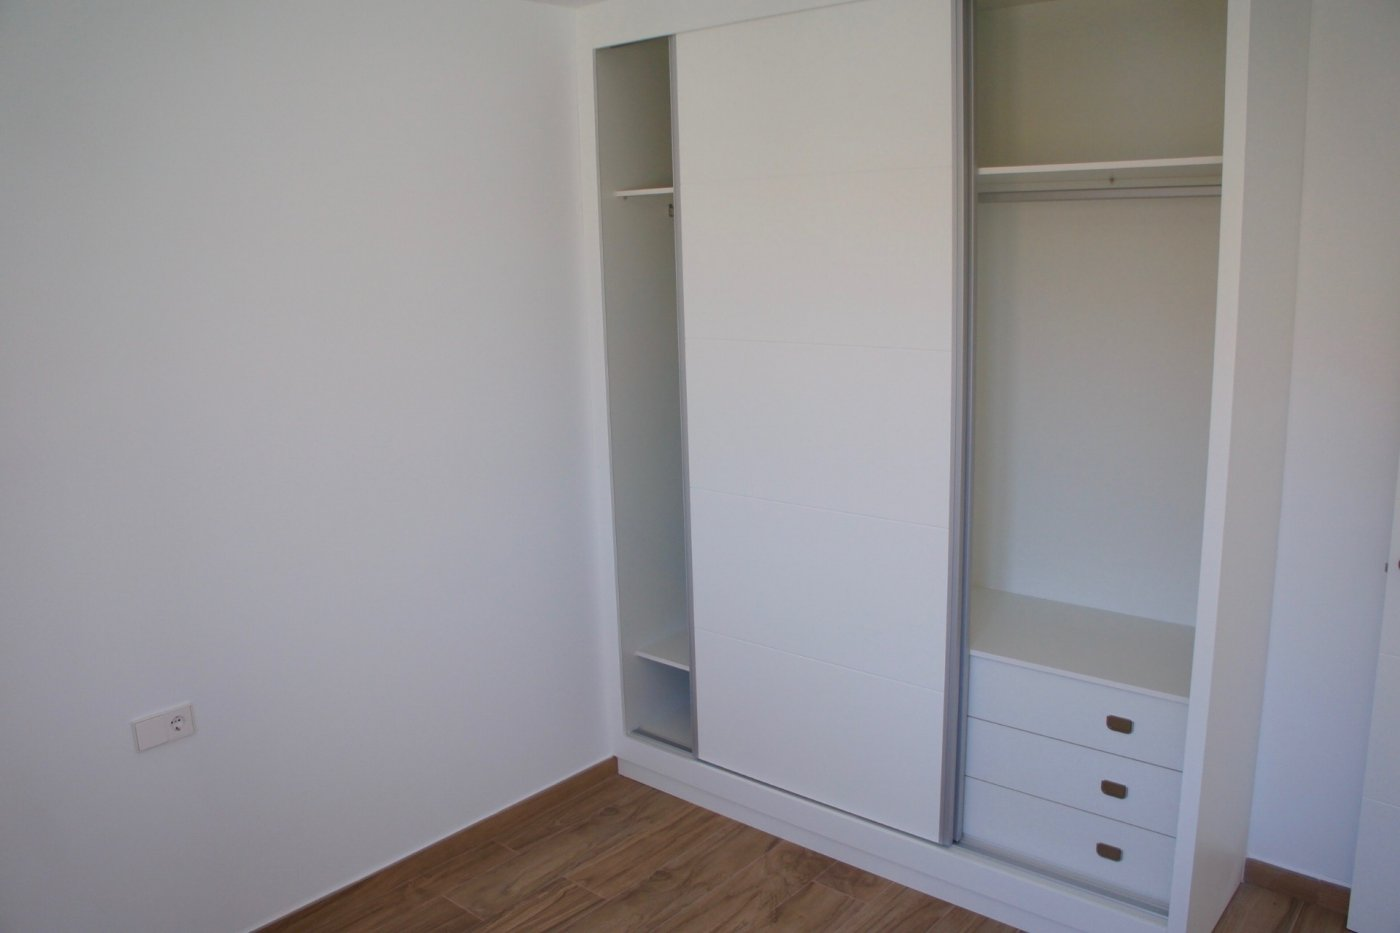 Gallery Image 10 of Nuevo apartamento listo en la planta superior de 2 dormitorios a solo 2 minutos a pie de las playas,